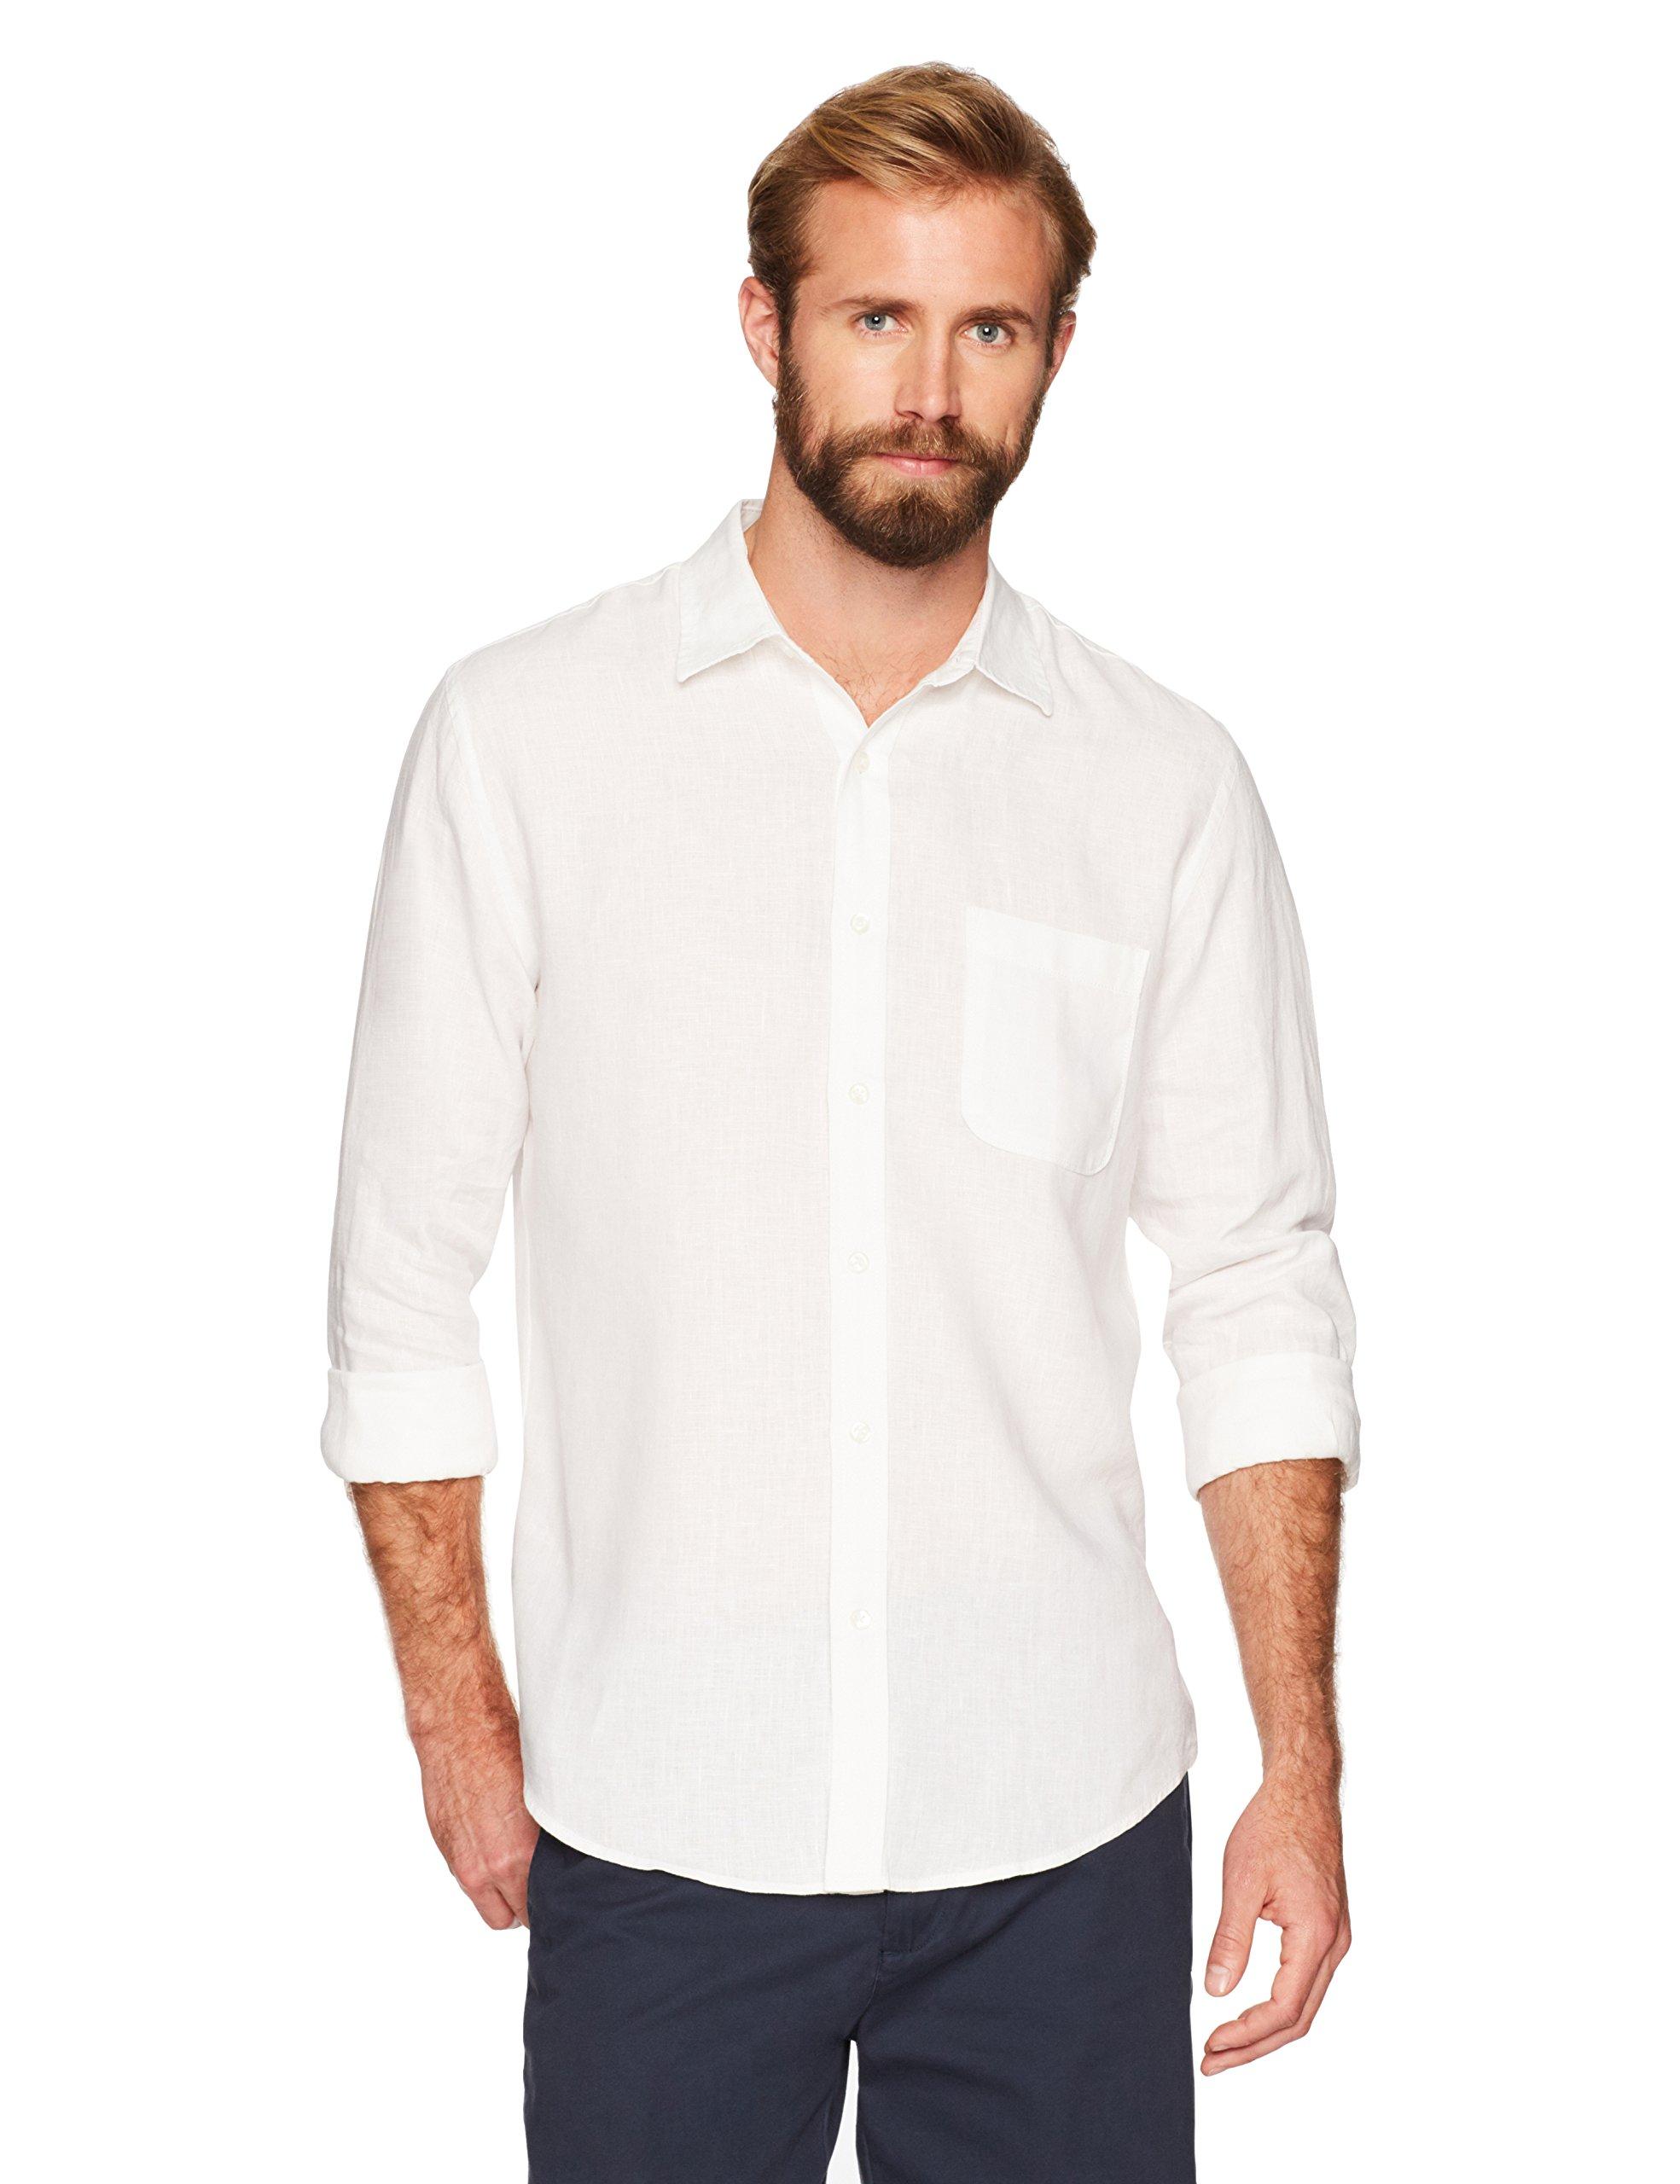 Essentials Mens Regular-Fit Long-Sleeve Linen Shirt